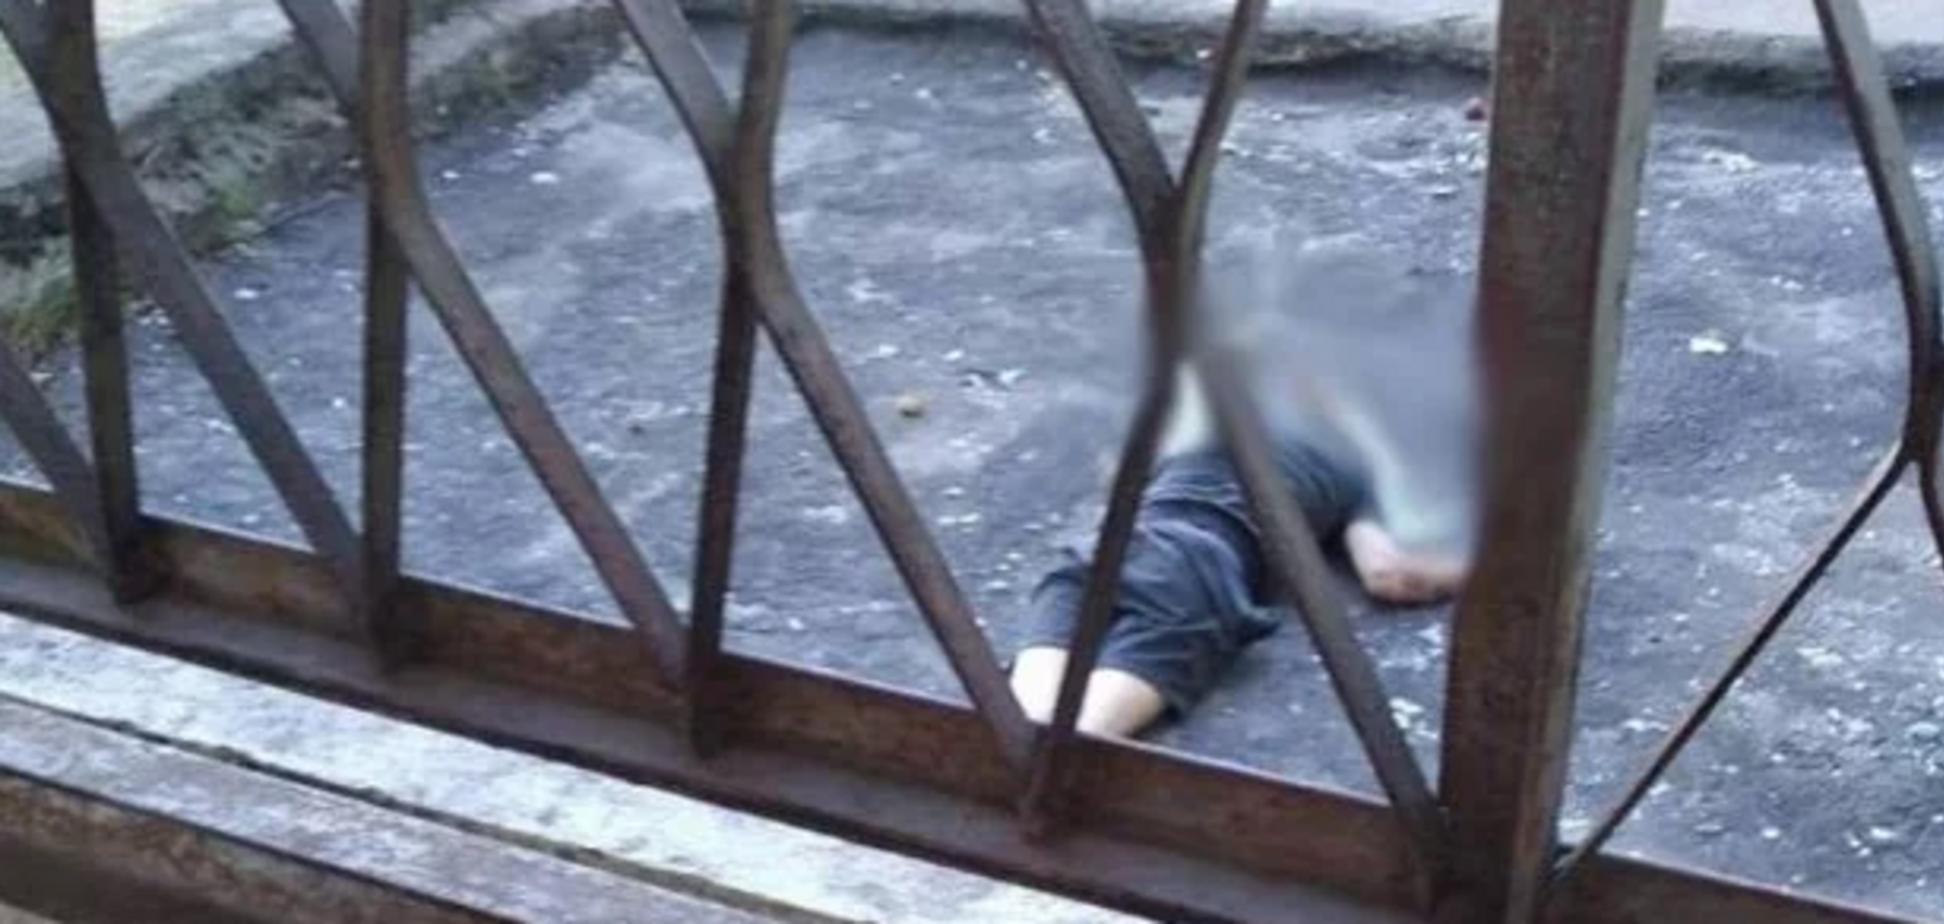 Проблемы с психикой: выяснились подробности о новой 'жертве' МОМО в Украине